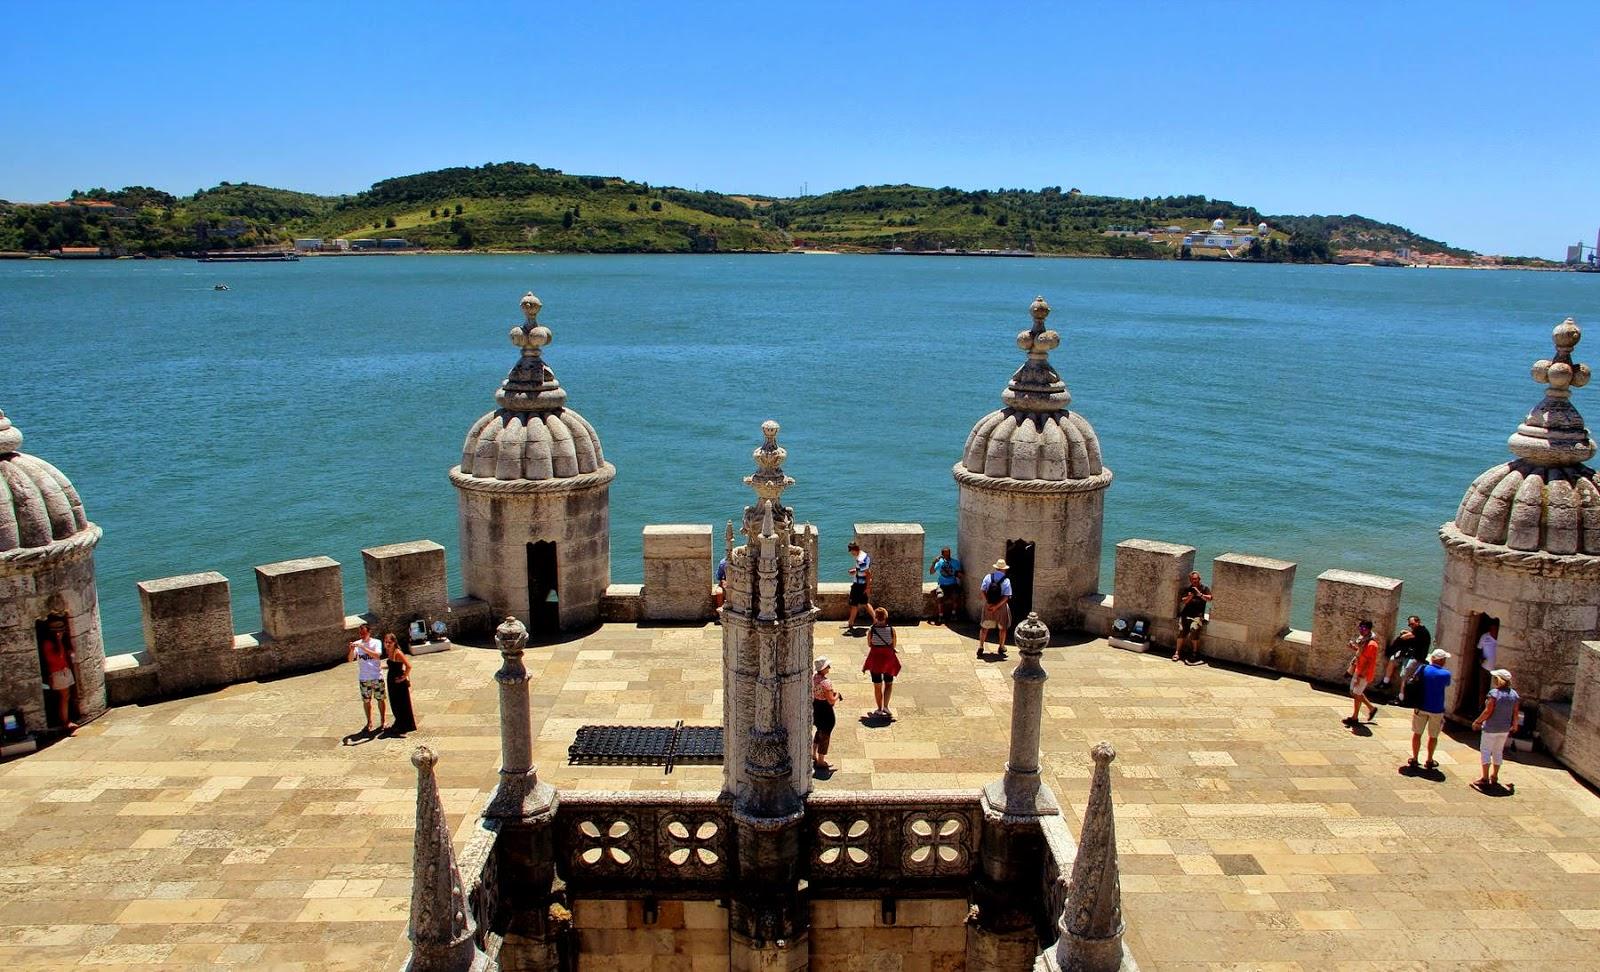 Tháp Belem minh chứng cho thời kỳ hoàng kim nhất của Bồ Đào Nha